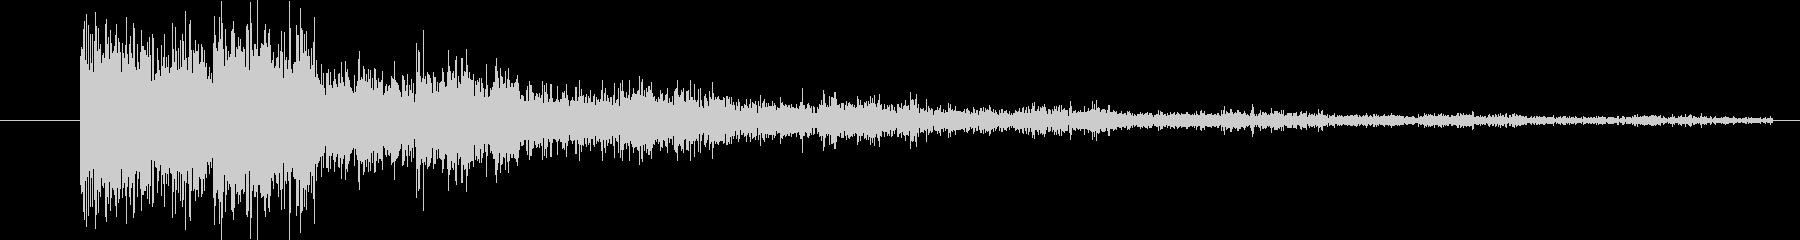 ドカーン(ボスを倒した効果音)の未再生の波形